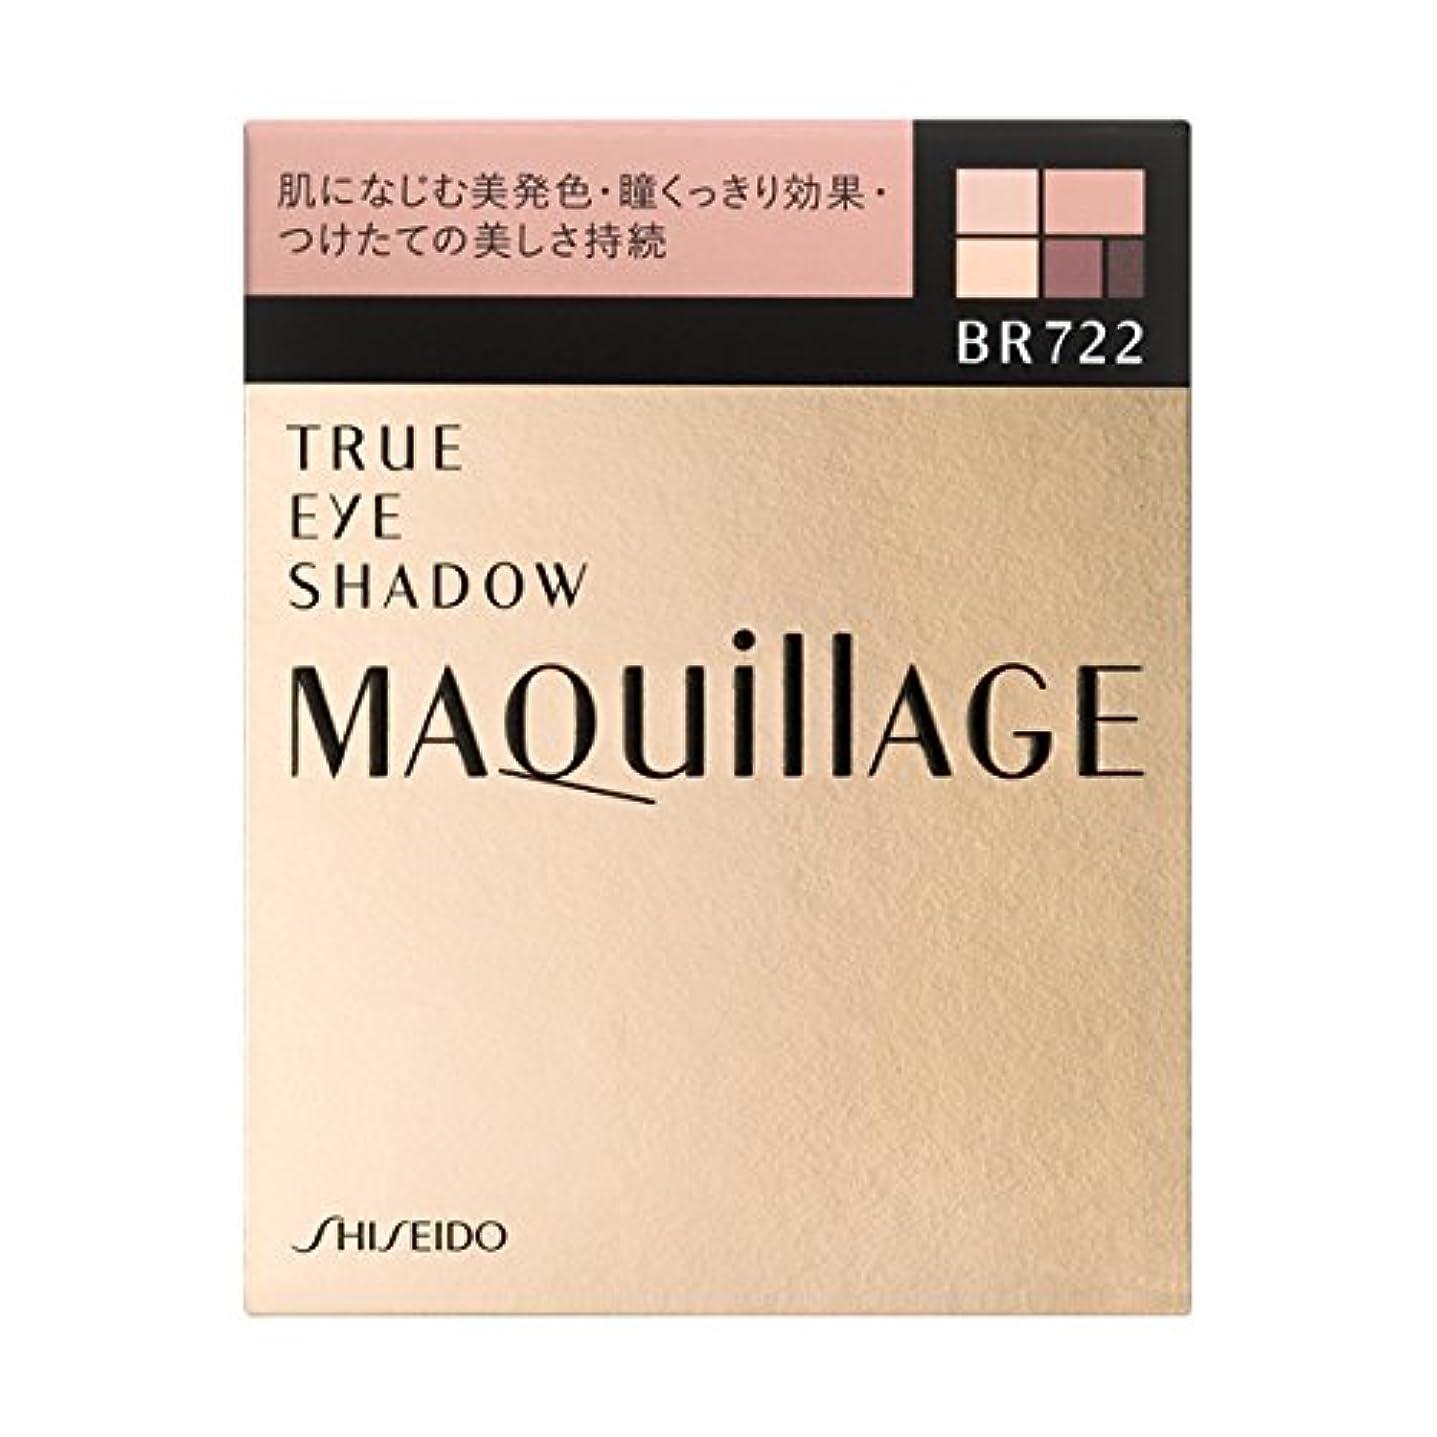 翻訳者口述四面体<2個セット>マキアージュ トゥルーアイシャドー BR722 本体 3.5g×2個